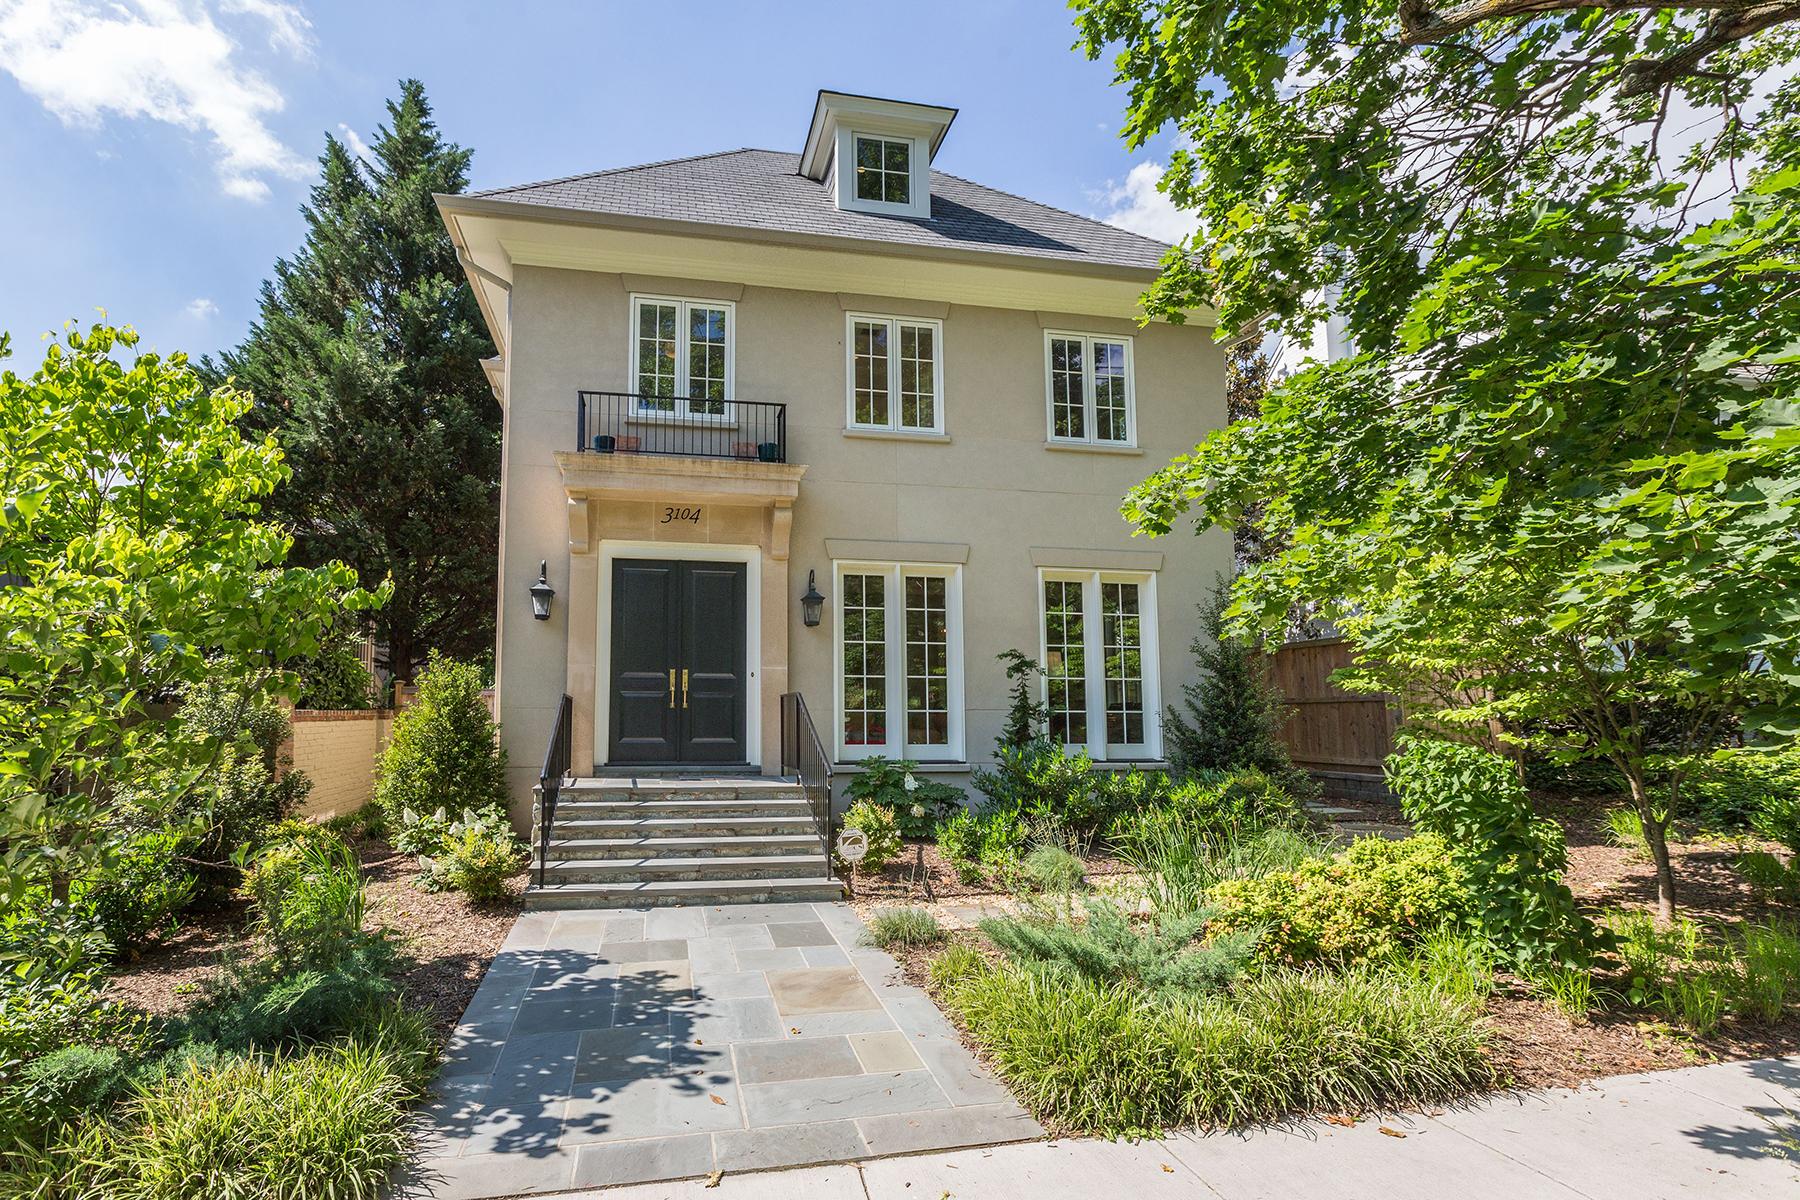 Casa para uma família para Venda às 3104 Garfield Street Nw, Washington Washington, Distrito De Columbia, 20008 Estados Unidos